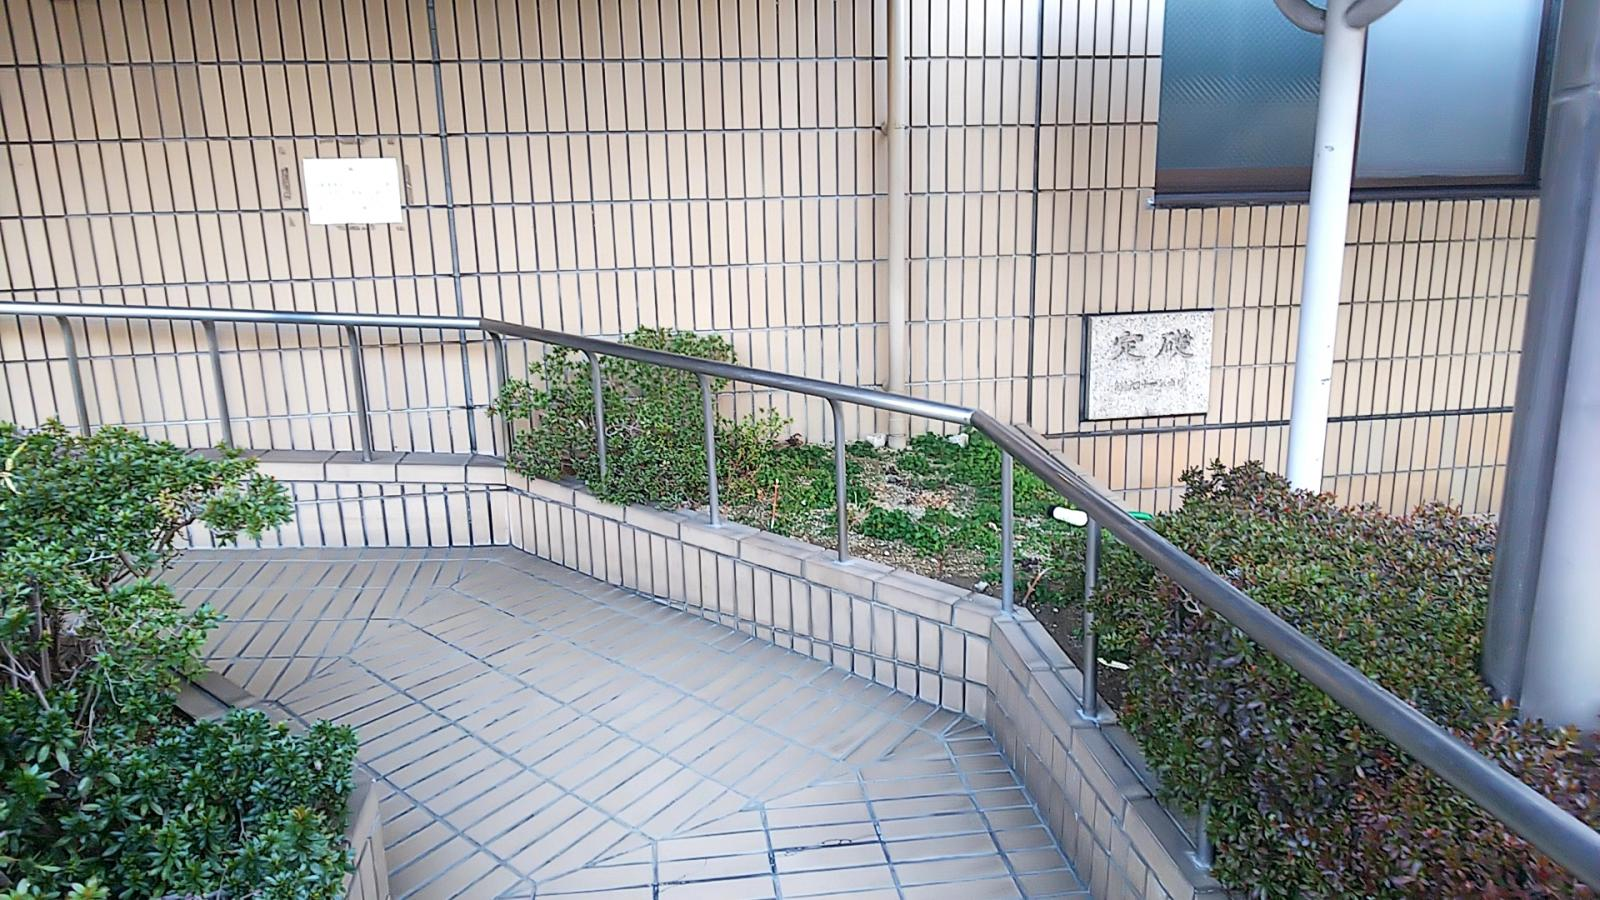 松山 協和 病院